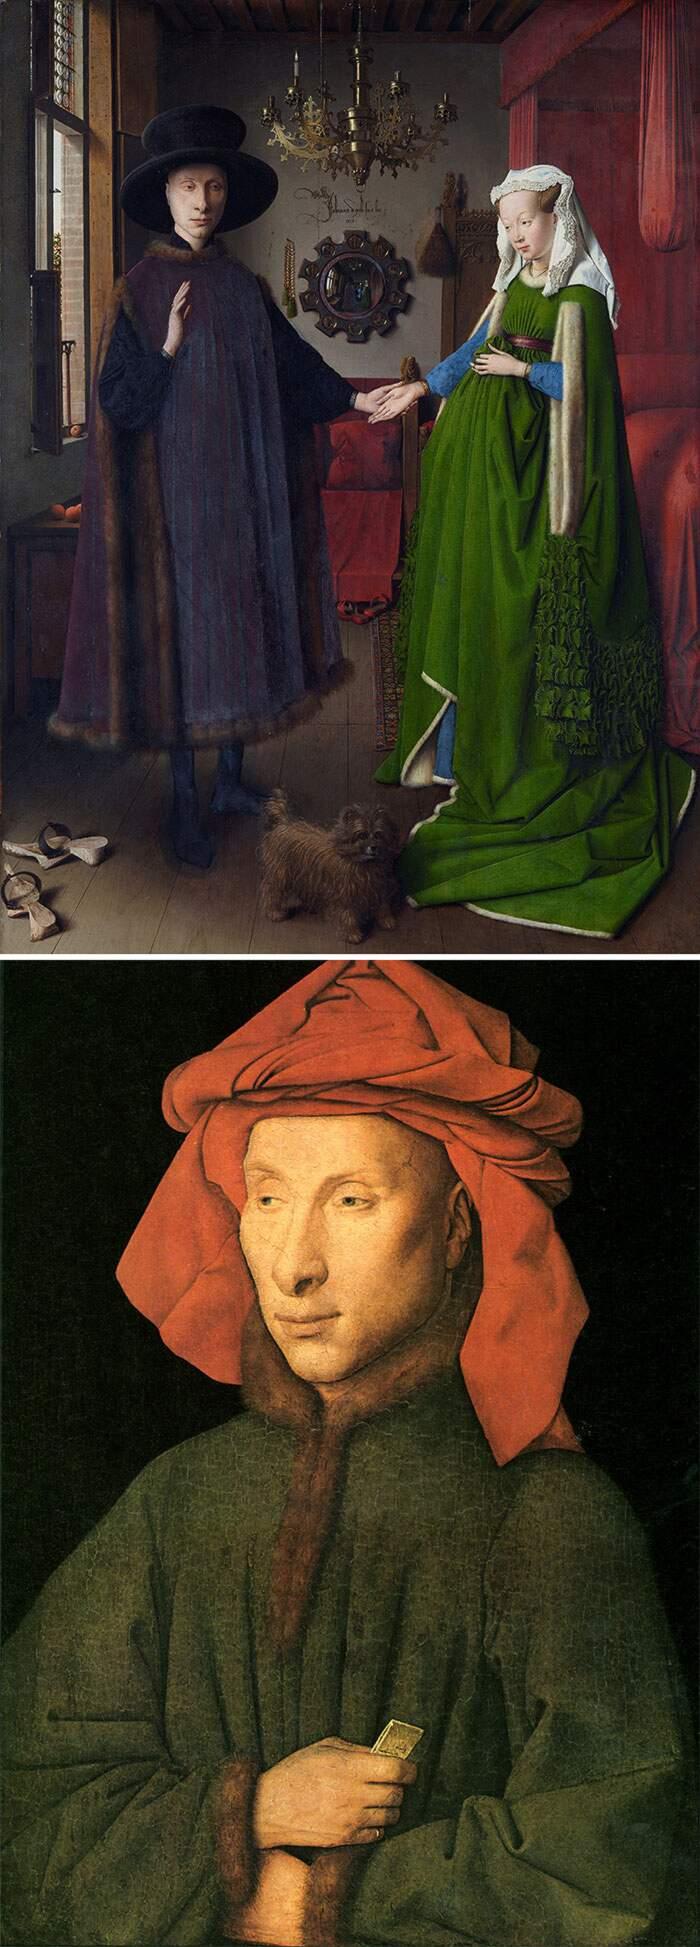 Come riconoscere artisti famosi dai loro quadri, Jan van Eyck